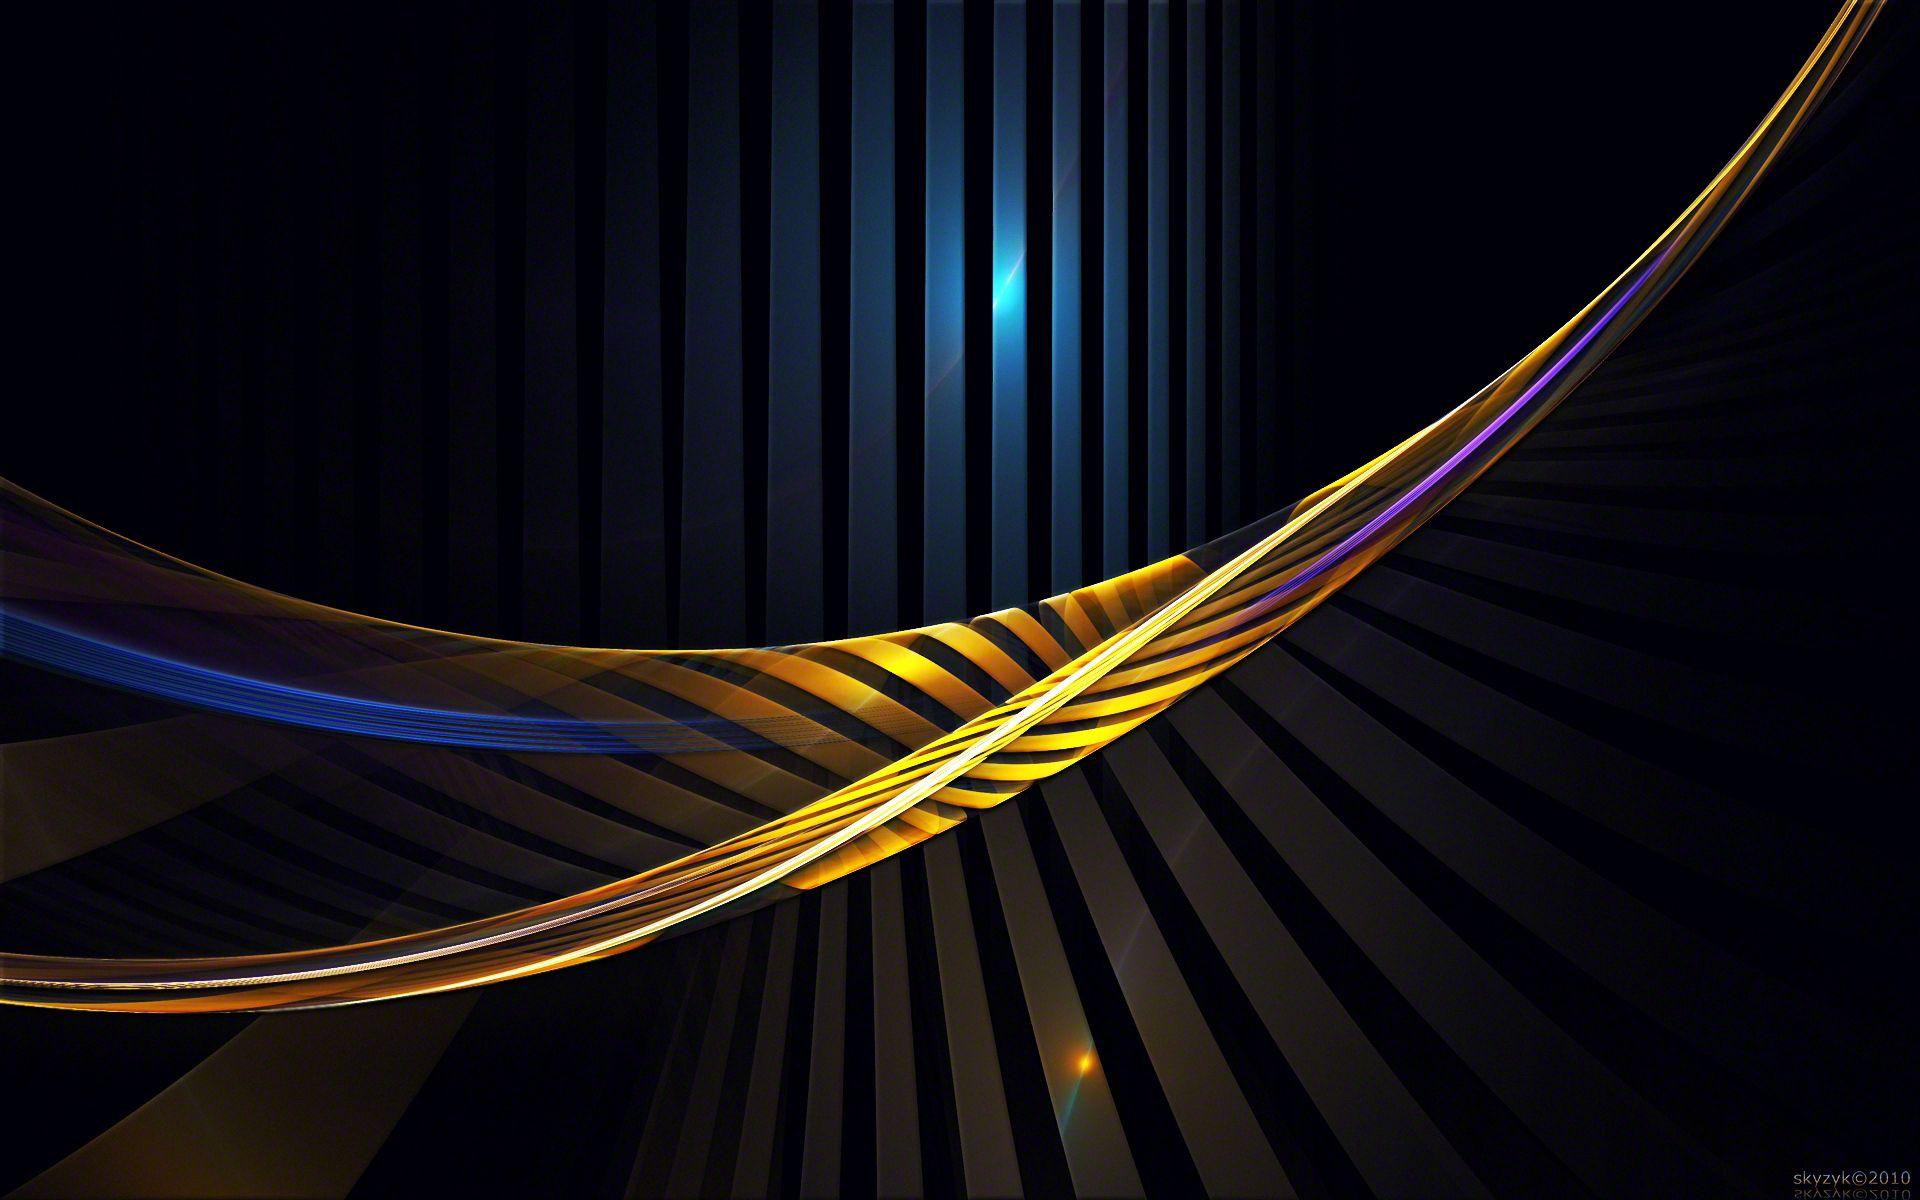 113802 descargar fondo de pantalla Abstracción, Líneas, Lineas, Espacio, Fondo, Brillar, Luz, Sombra: protectores de pantalla e imágenes gratis